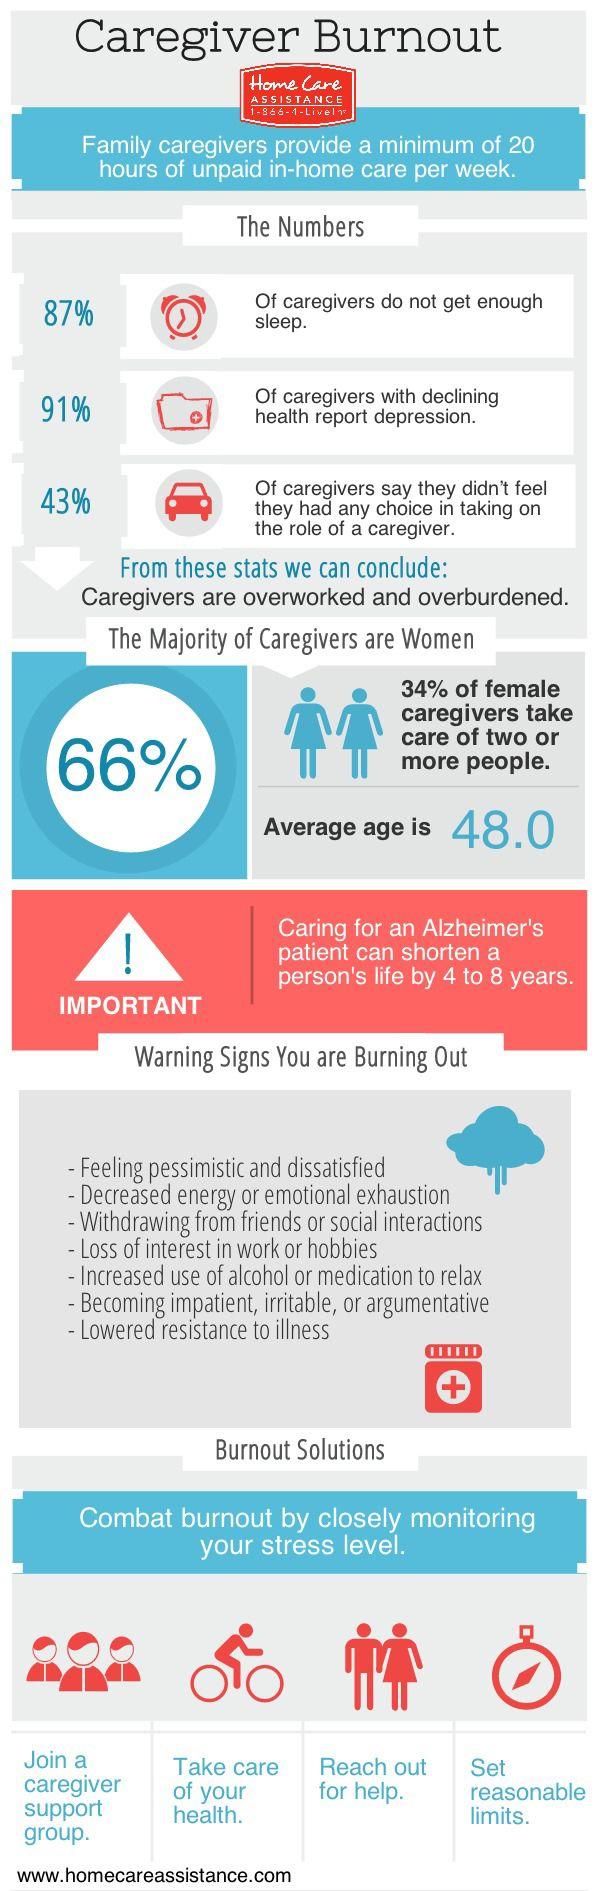 Educating Clients To Prevent Caregiver Burnout